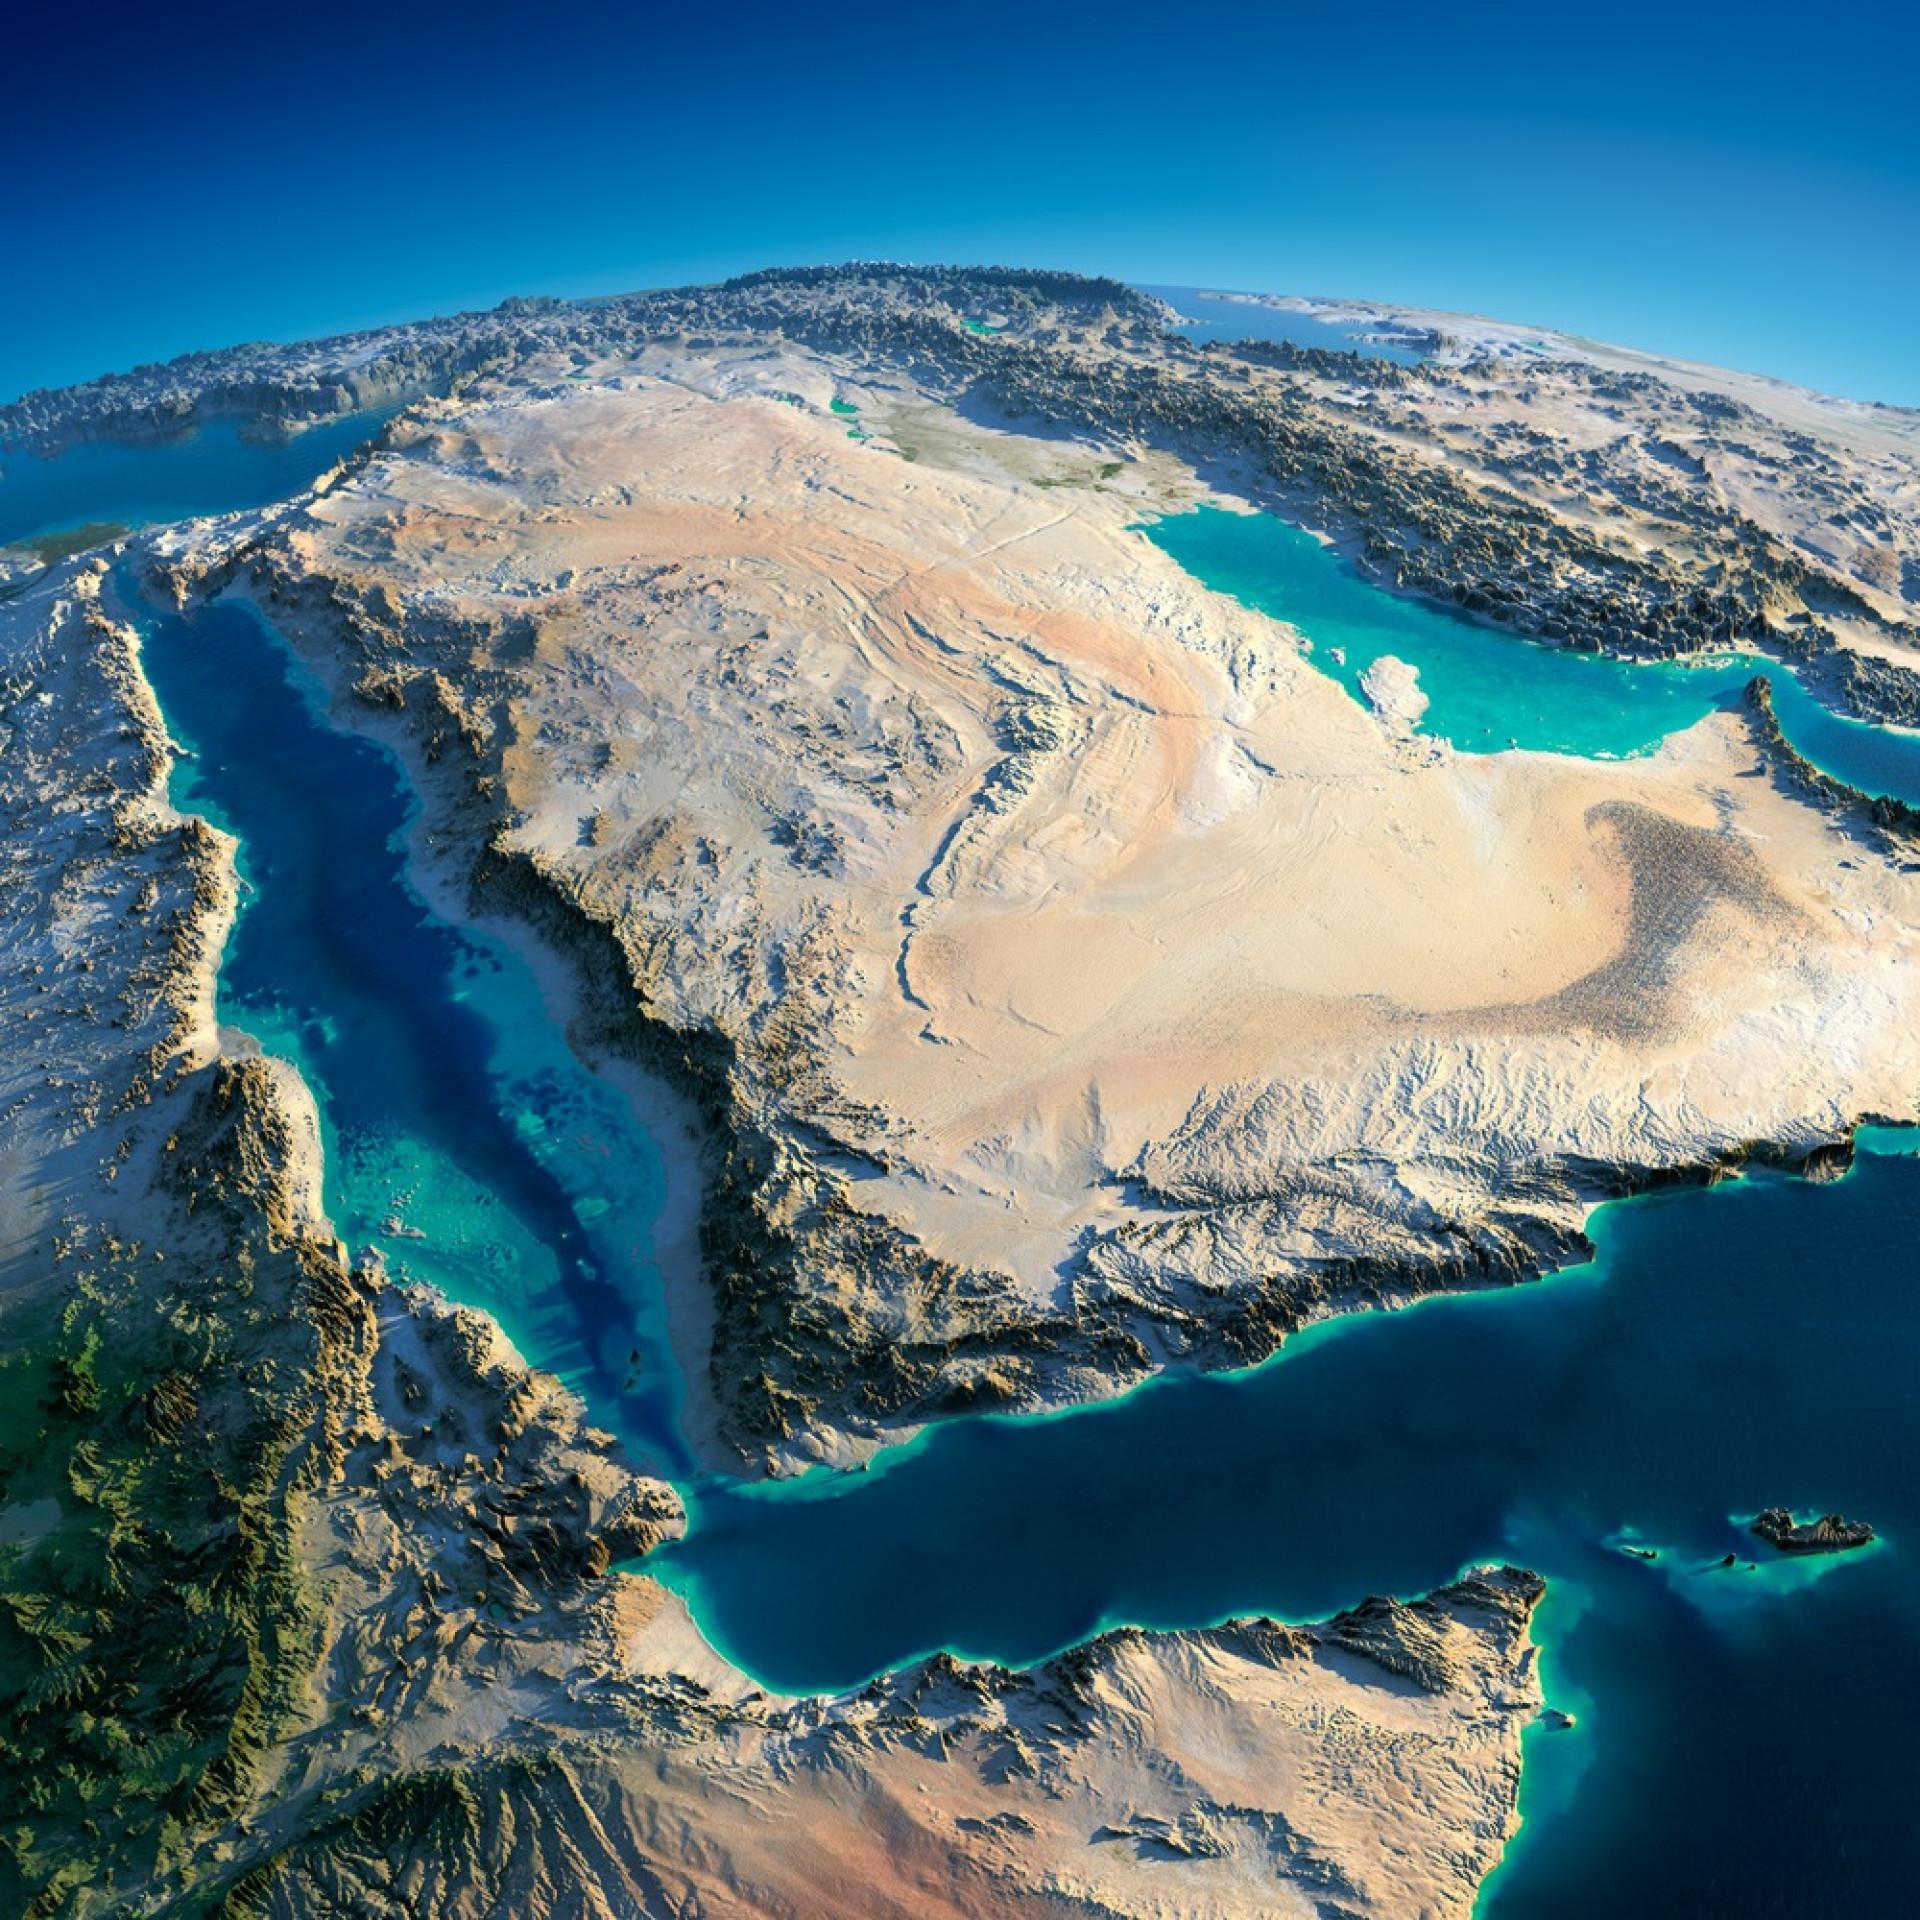 Charter Destination: Red Sea